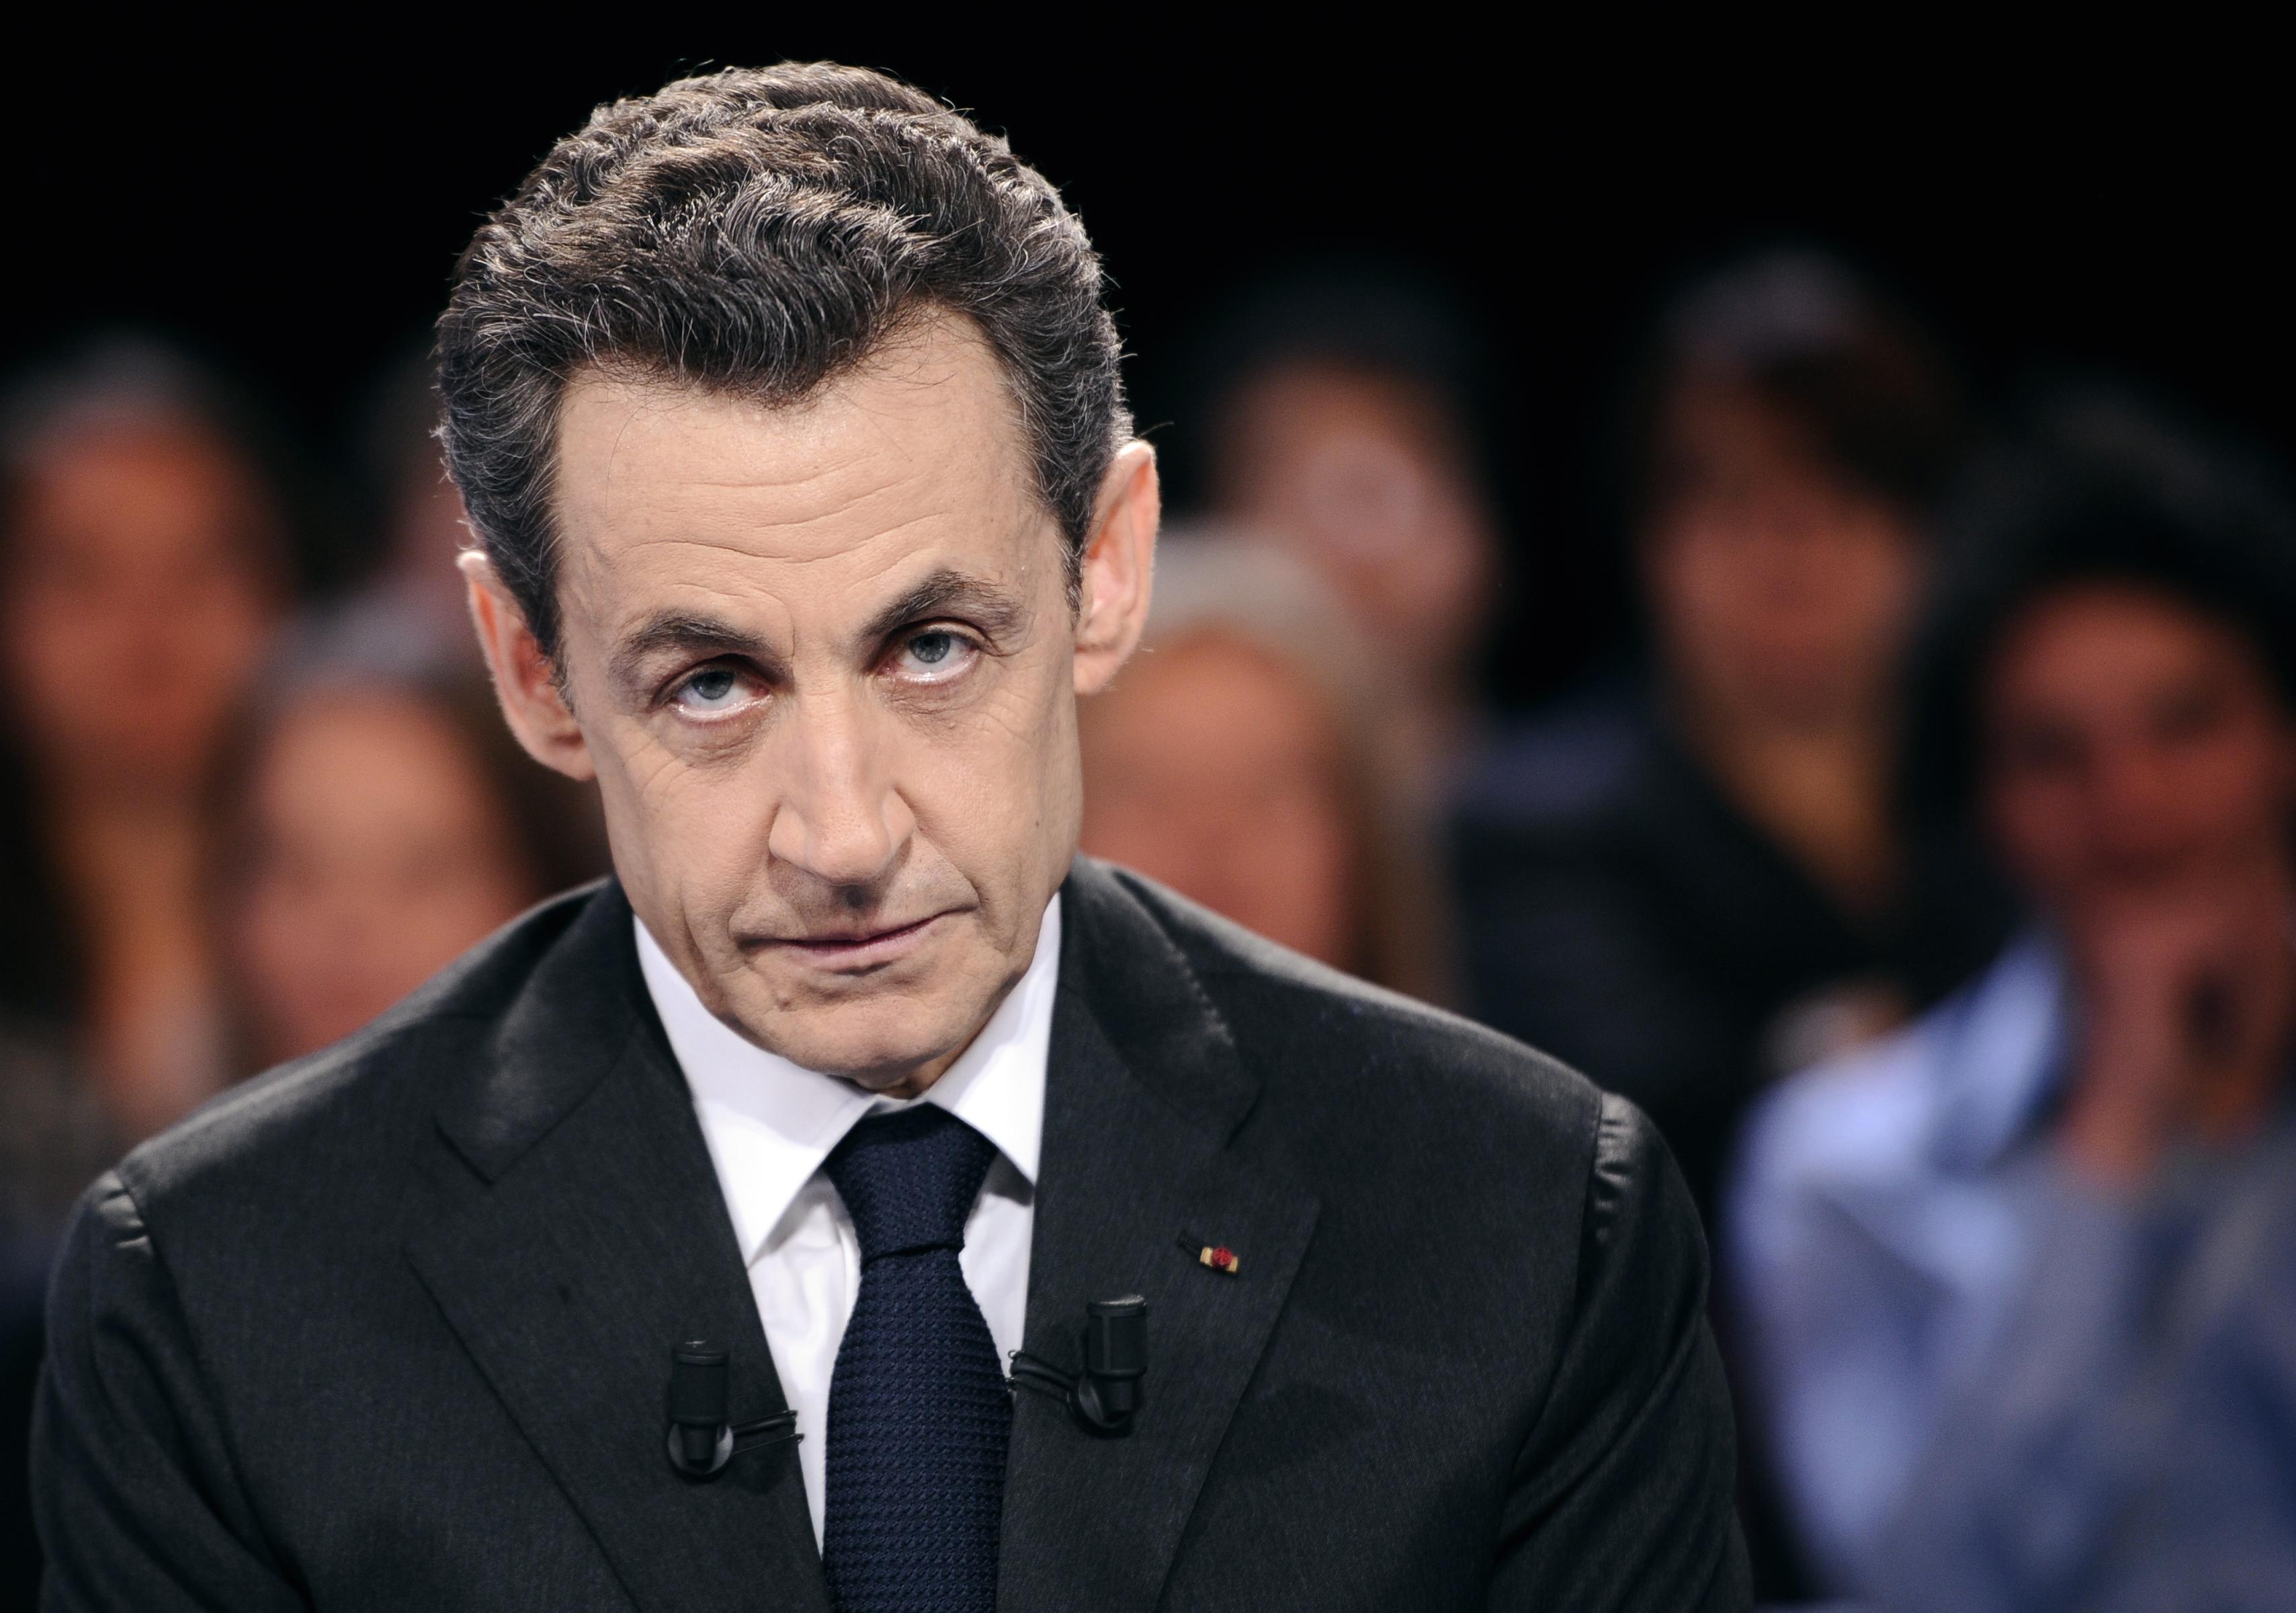 Саркози действительно получил от Каддафи $50 млн, утверждает ливийский бизнесмен